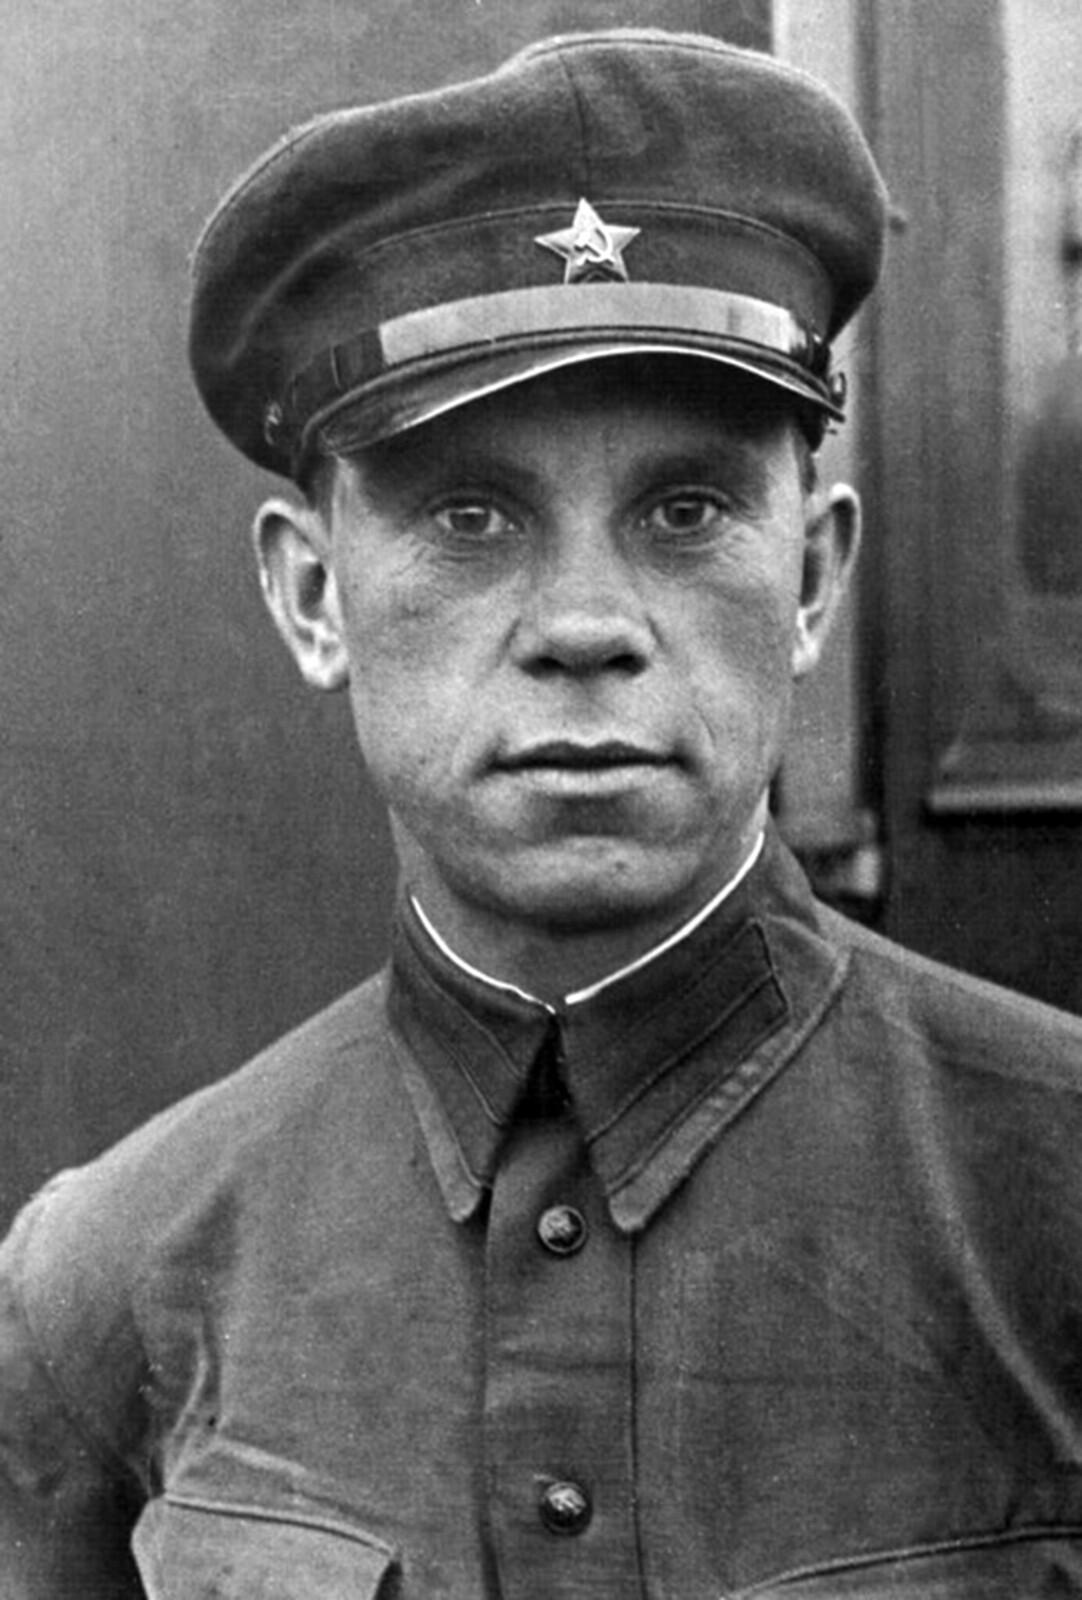 1936. Рядовой боец-пограничник Андрей Александрович Ермаков